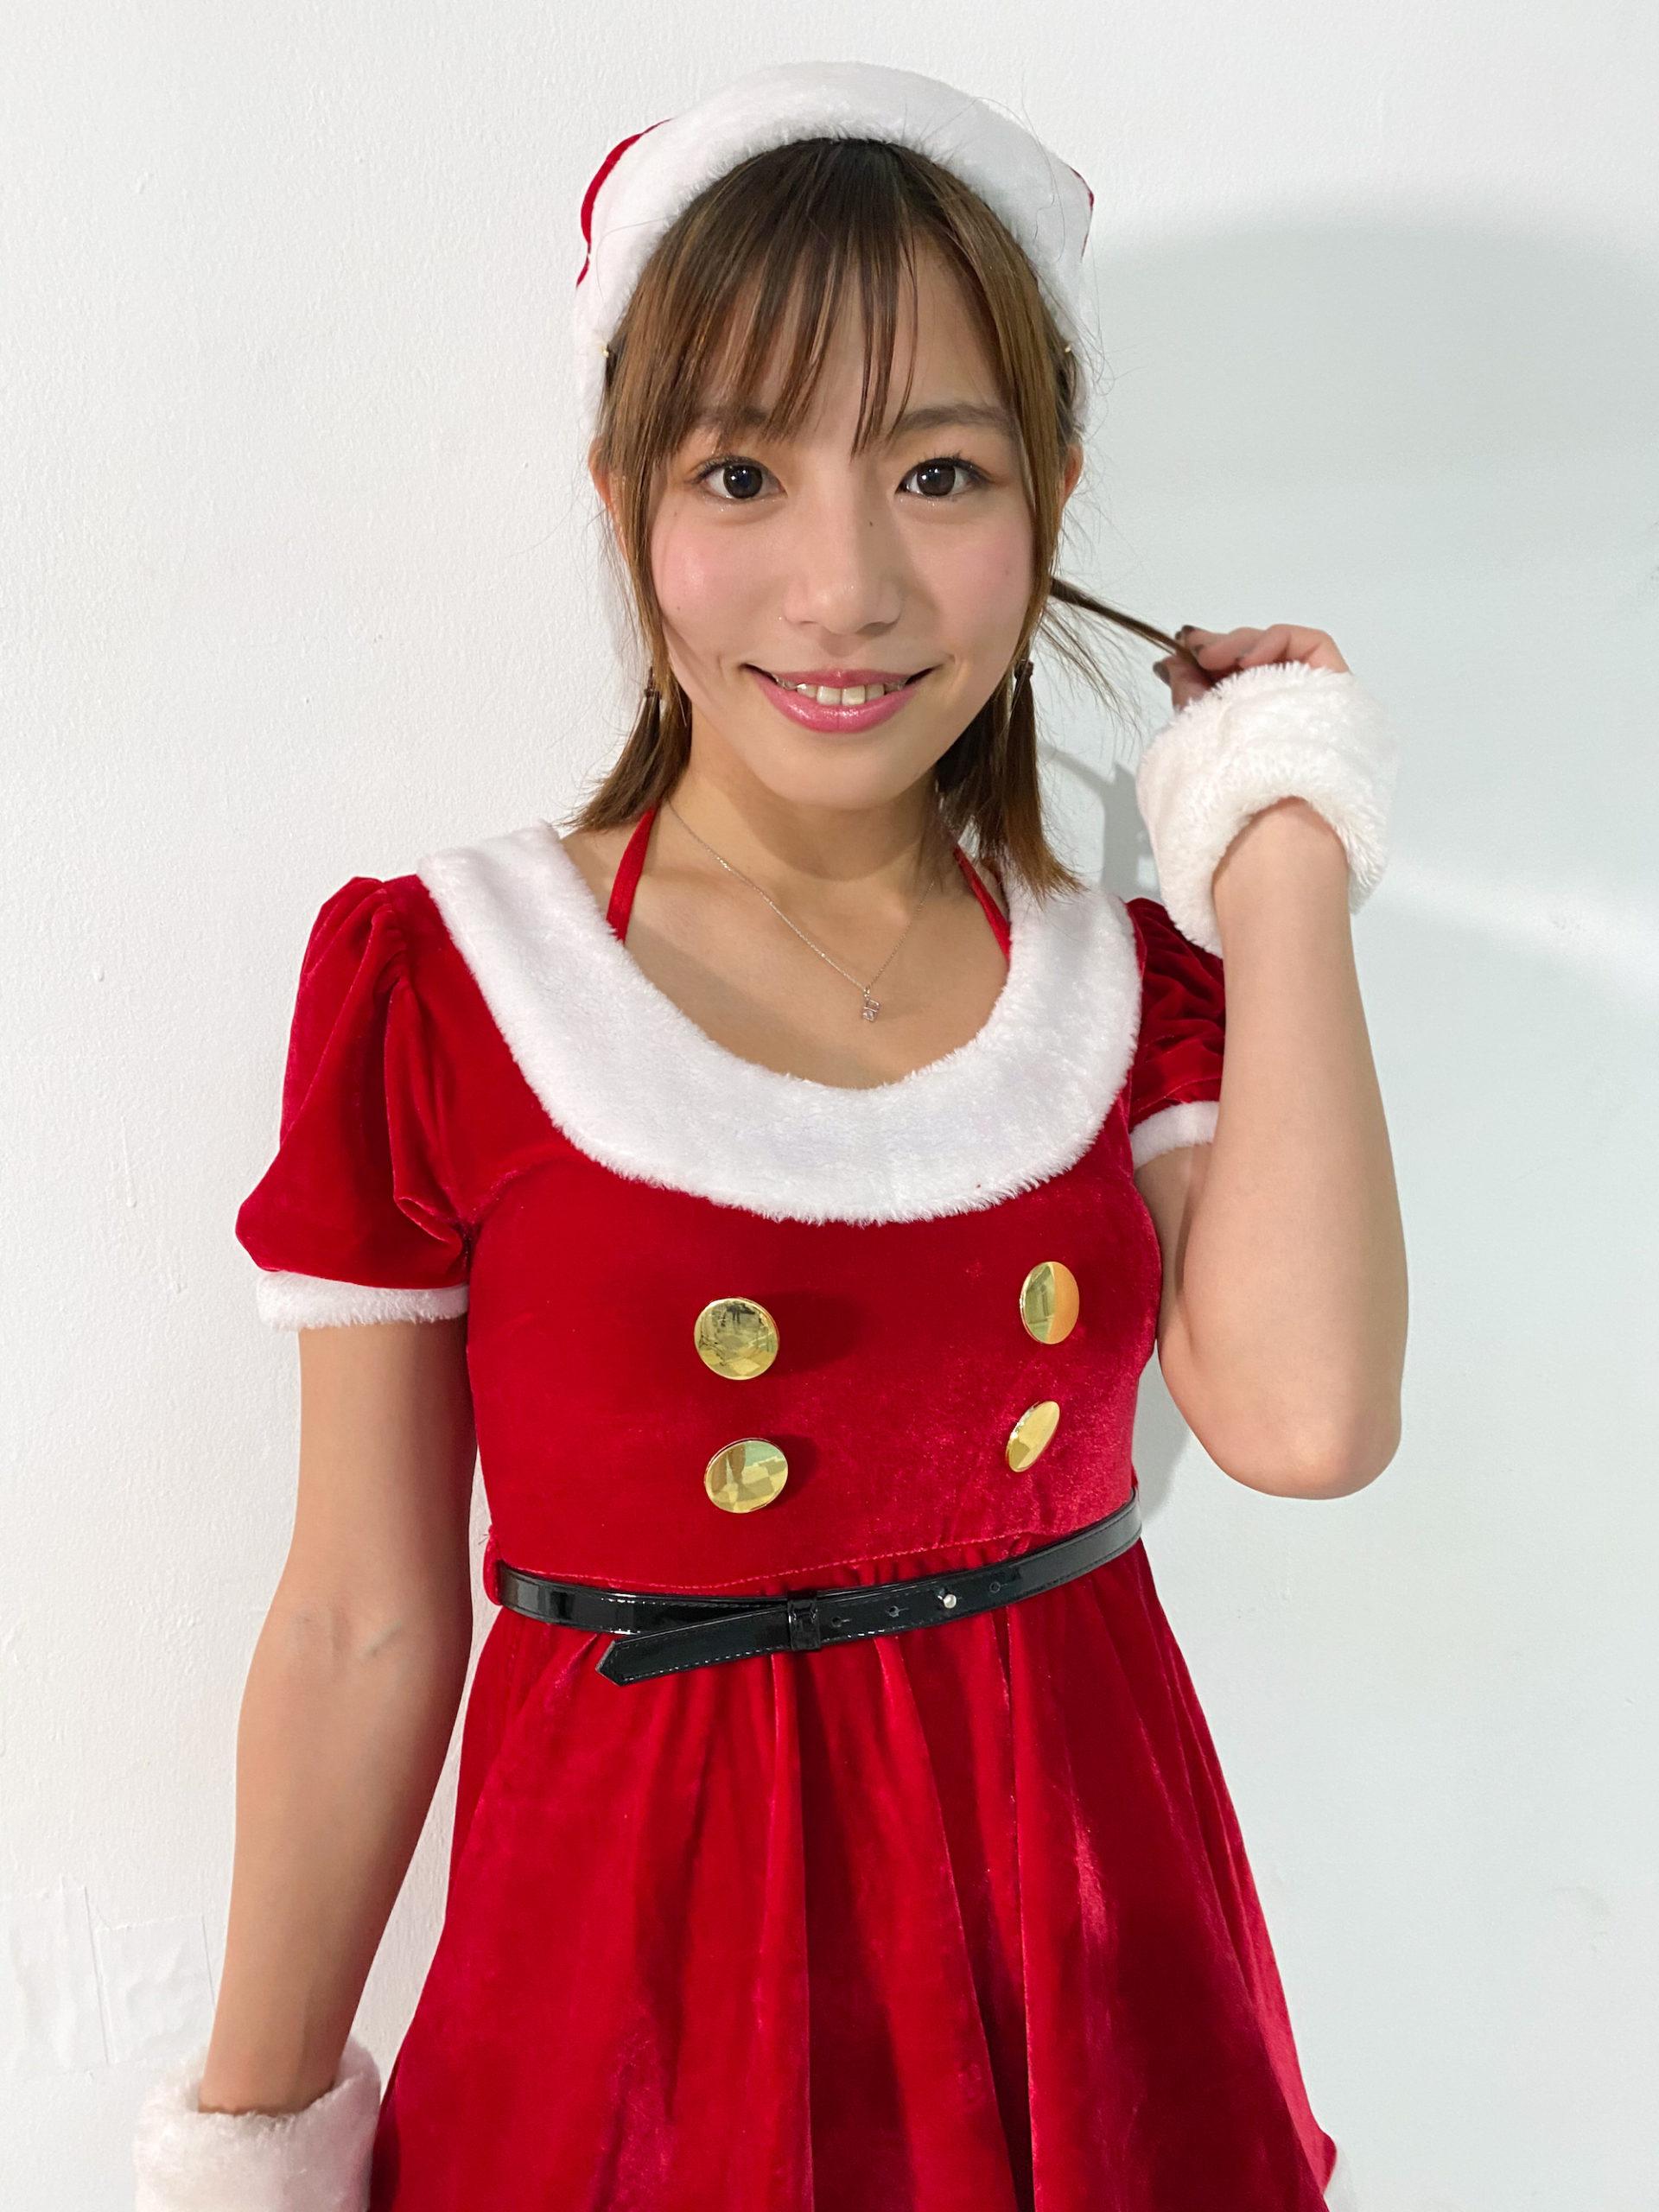 河路由希子(2019年12月22日、「R・I・P/R・I・Pyouth クリスマス撮影会」)